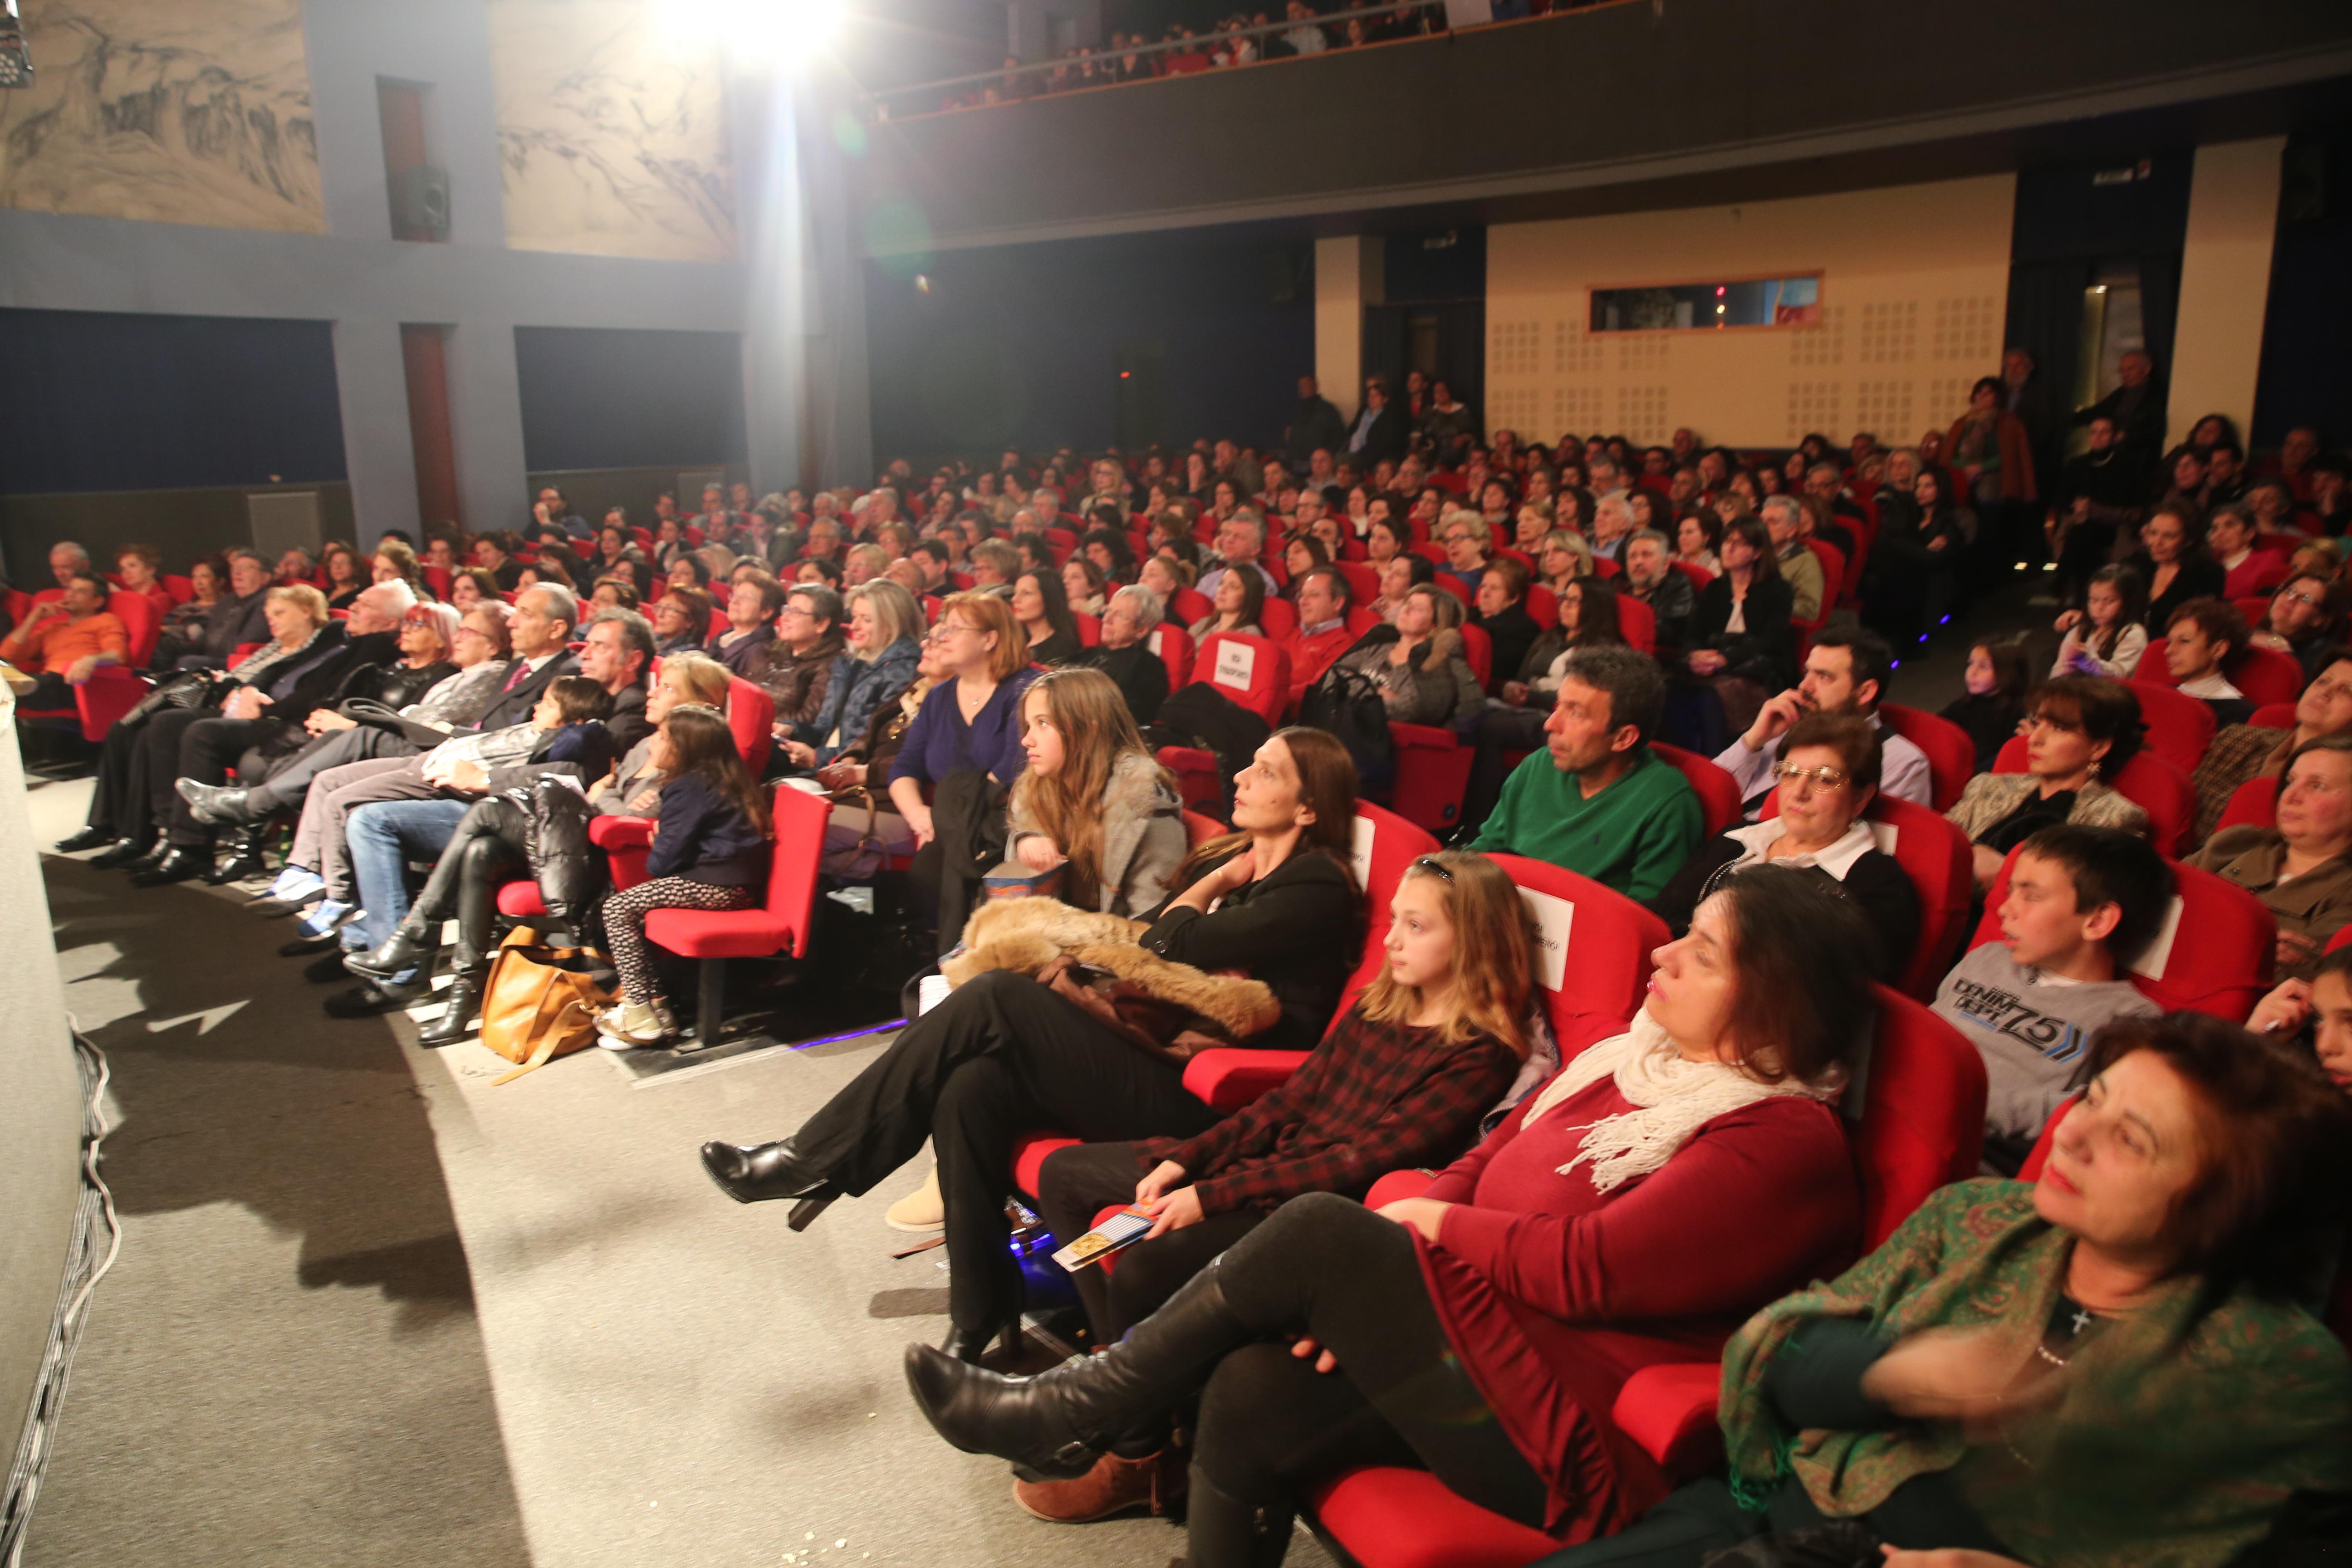 Ποιοι πήραν τα βραβεία στο 33ο Πανελλήνιο Φεστιβάλ Ερασιτεχνικού Θεάτρου